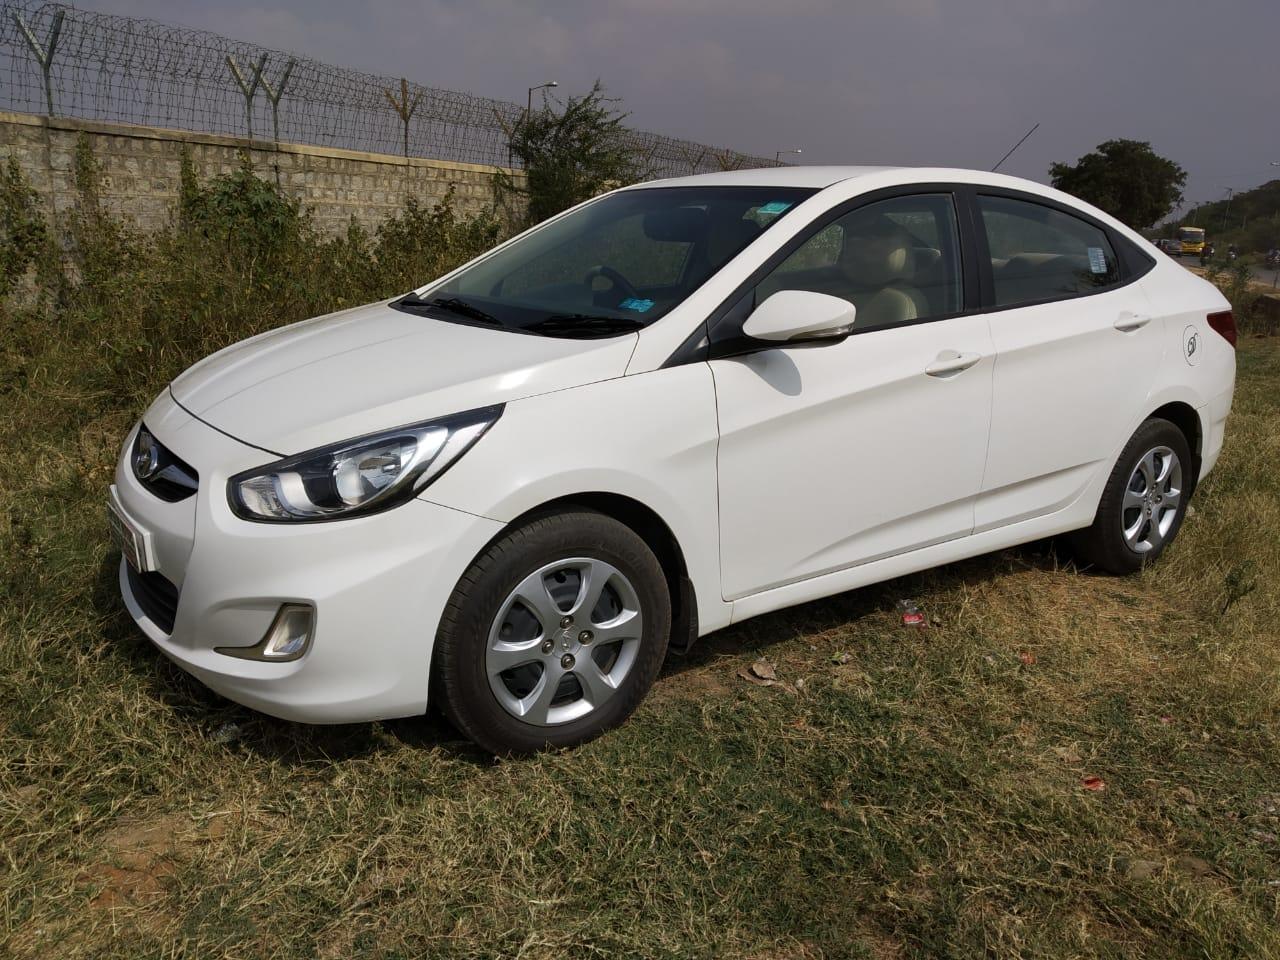 2013 Used Hyundai Verna FLUIDIC 1.4 CRDI